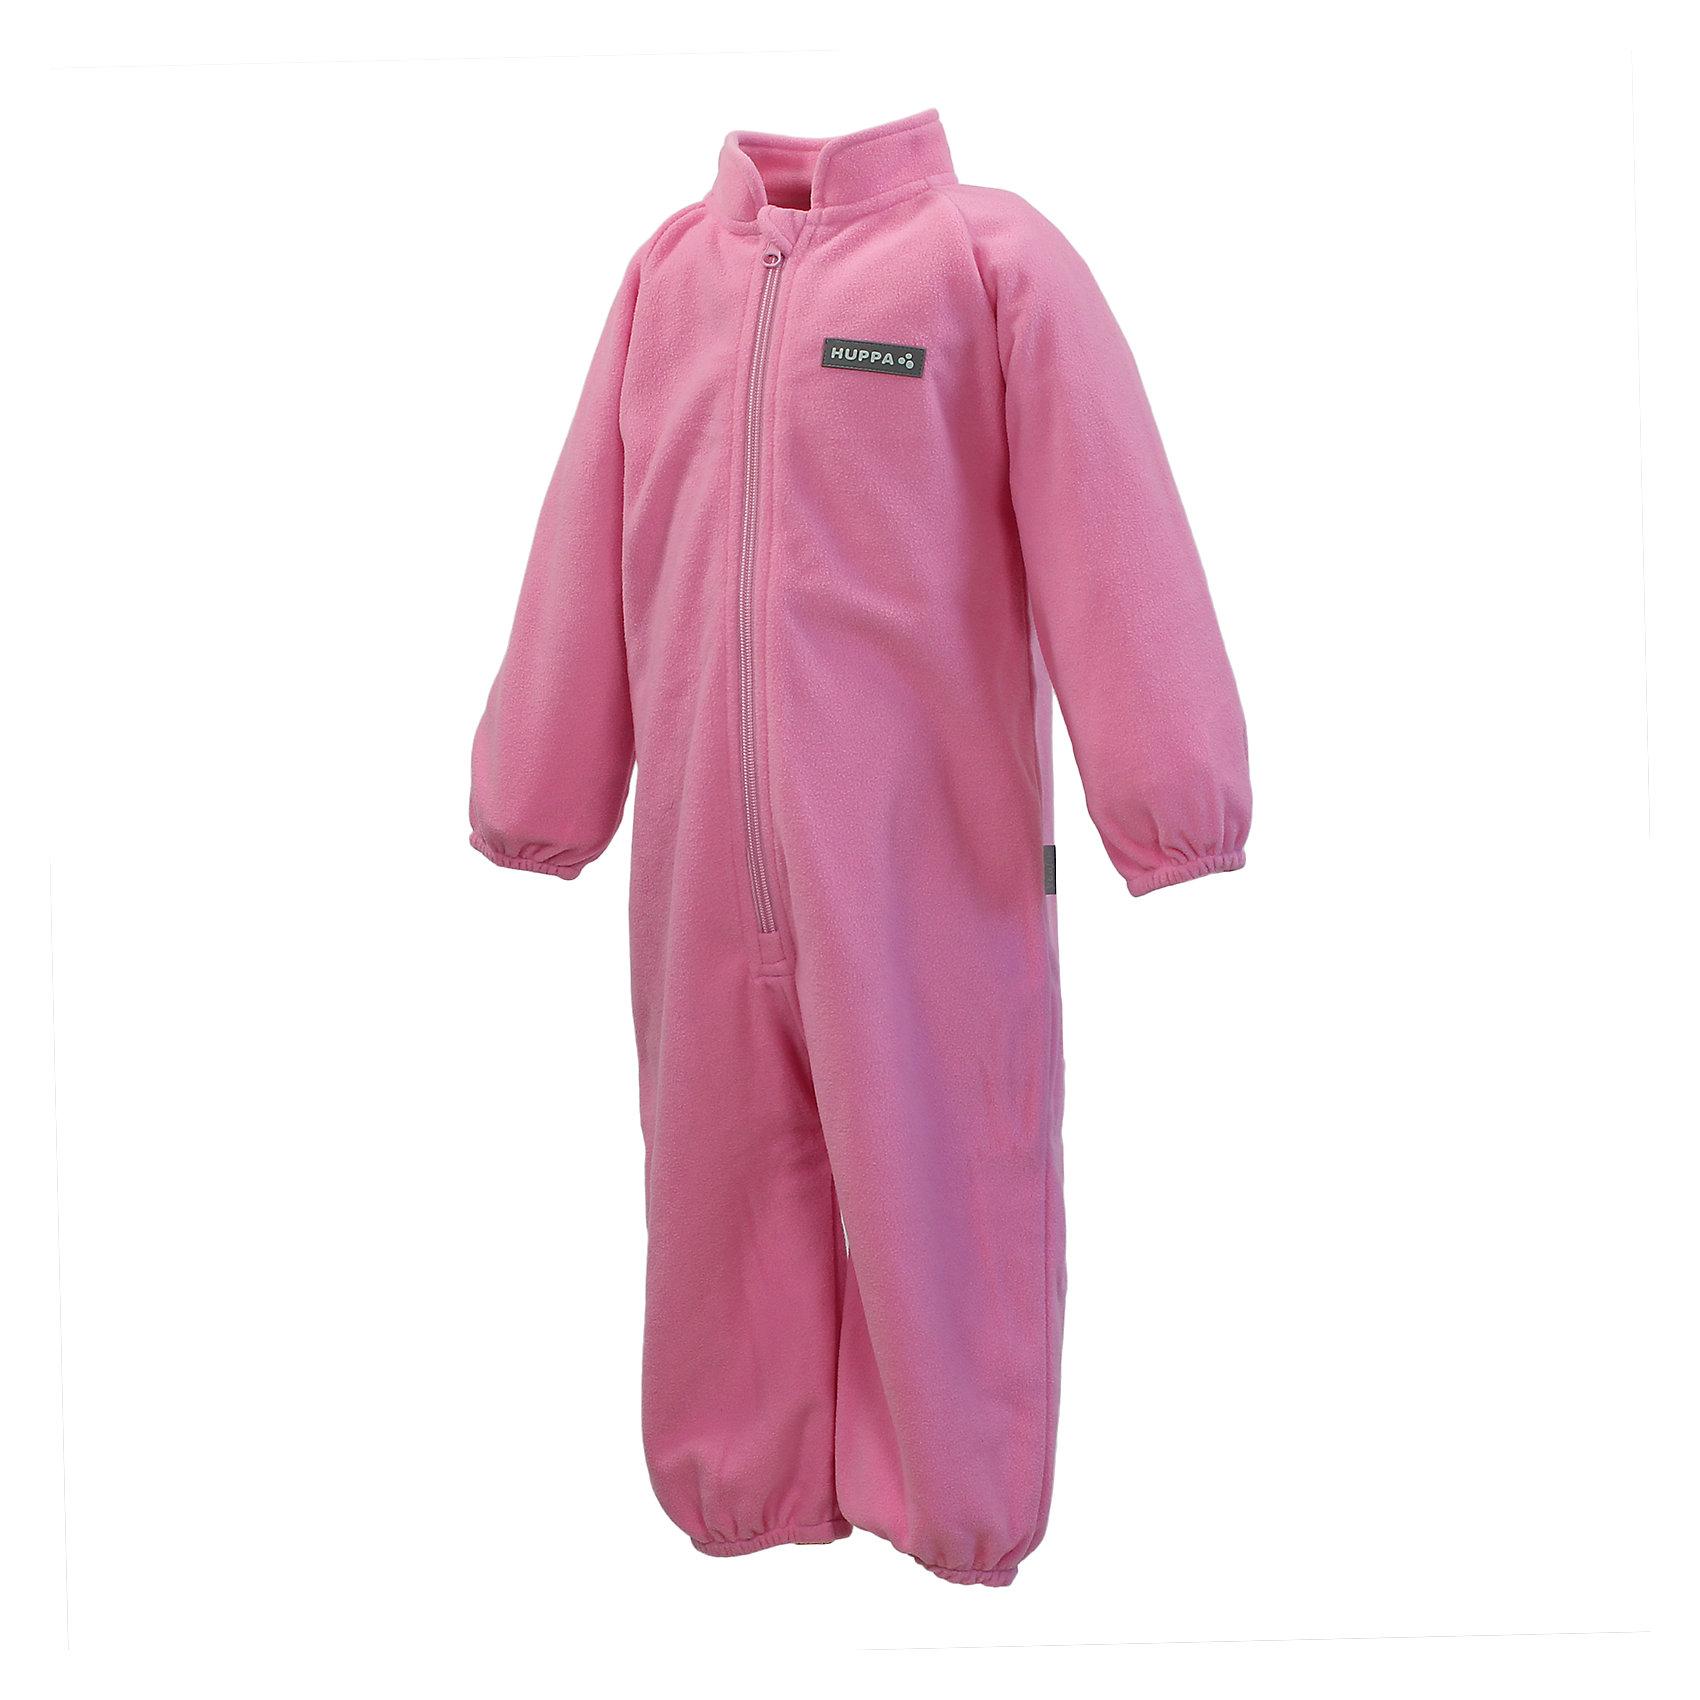 Комбинезон для девочки HuppaХарактеристики товара:<br><br>• цвет: розовый<br>• состав: 100% полиэстер (флис)<br>• молния<br>• эластичные манжеты<br>• потайной карман<br>• воротник-стойка<br>• низ штанин эластичный<br>• декорирован логотипом<br>• комфортная посадка<br>• мягкий материал<br>• страна бренда: Эстония<br><br>Такой комбинезон обеспечит малышам тепло и комфорт. Он сделан из приятного на ощупь материала с мягким ворсом, поэтому изделие не колется и не натирает. Для удобства одевания сделана длинная молния. Комбинезон очень симпатично смотрится, яркая расцветка и крой добавляют ему оригинальности. Модель была разработана специально для малышей.<br><br>Одежда и обувь от популярного эстонского бренда Huppa - отличный вариант одеть ребенка можно и комфортно. Вещи, выпускаемые компанией, качественные, продуманные и очень удобные. Для производства изделий используются только безопасные для детей материалы. Продукция от Huppa порадует и детей, и их родителей!<br><br>Комбинезон для девочки от бренда Huppa (Хуппа) можно купить в нашем интернет-магазине.<br><br>Ширина мм: 190<br>Глубина мм: 74<br>Высота мм: 229<br>Вес г: 236<br>Цвет: розовый<br>Возраст от месяцев: 72<br>Возраст до месяцев: 84<br>Пол: Женский<br>Возраст: Детский<br>Размер: 122,104,86,98,92,116,110,74,80<br>SKU: 4595506